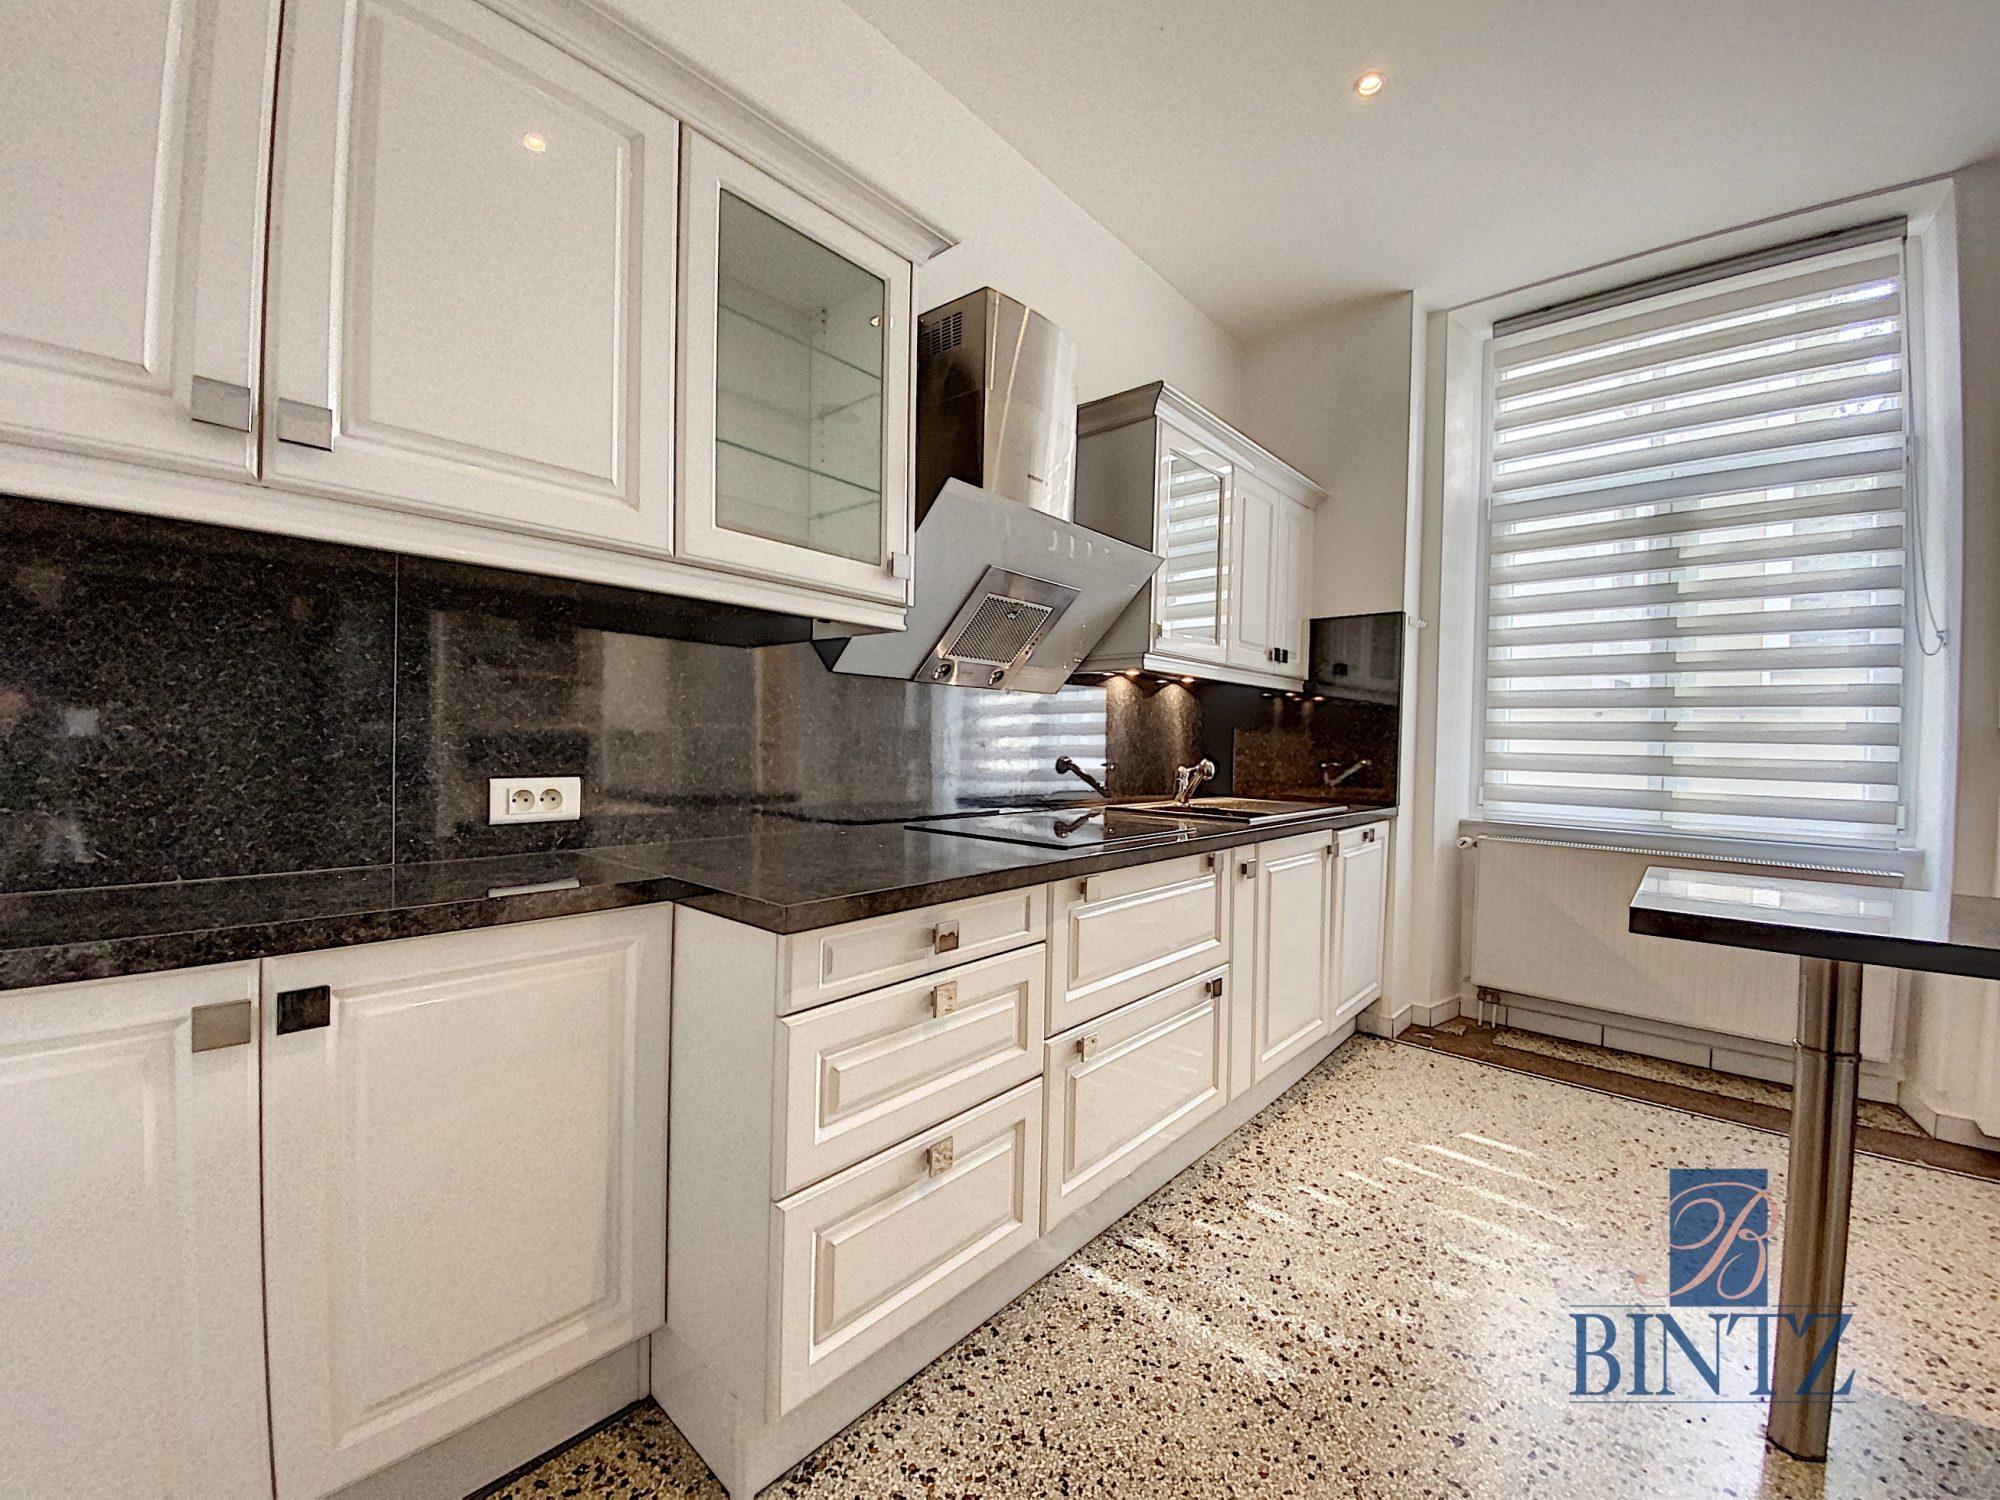 Magnifique 6 pièces de 164m2 Quartier Neustadt - Devenez propriétaire en toute confiance - Bintz Immobilier - 9